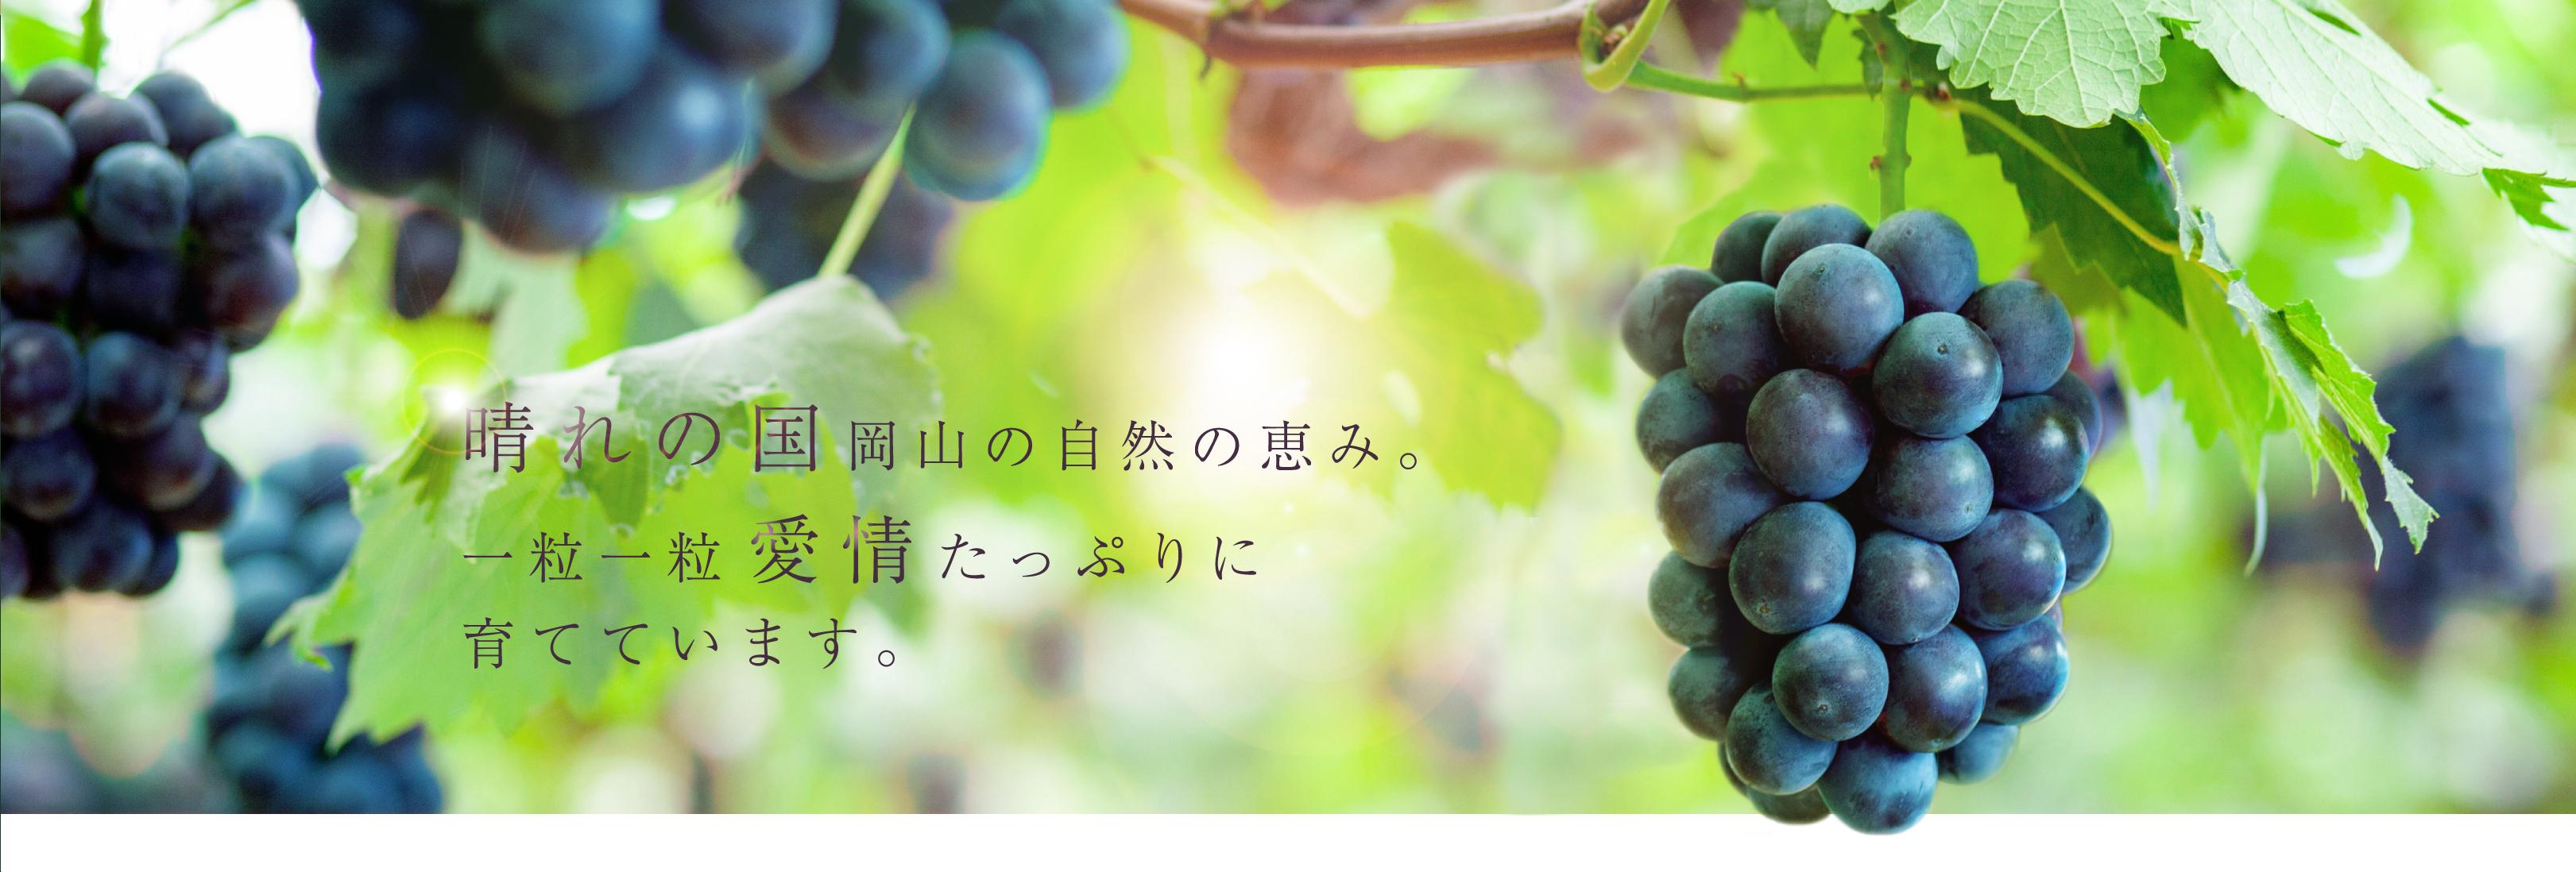 晴れの国岡山の自然の恵み。一粒一粒愛情たっぷりに育てています。